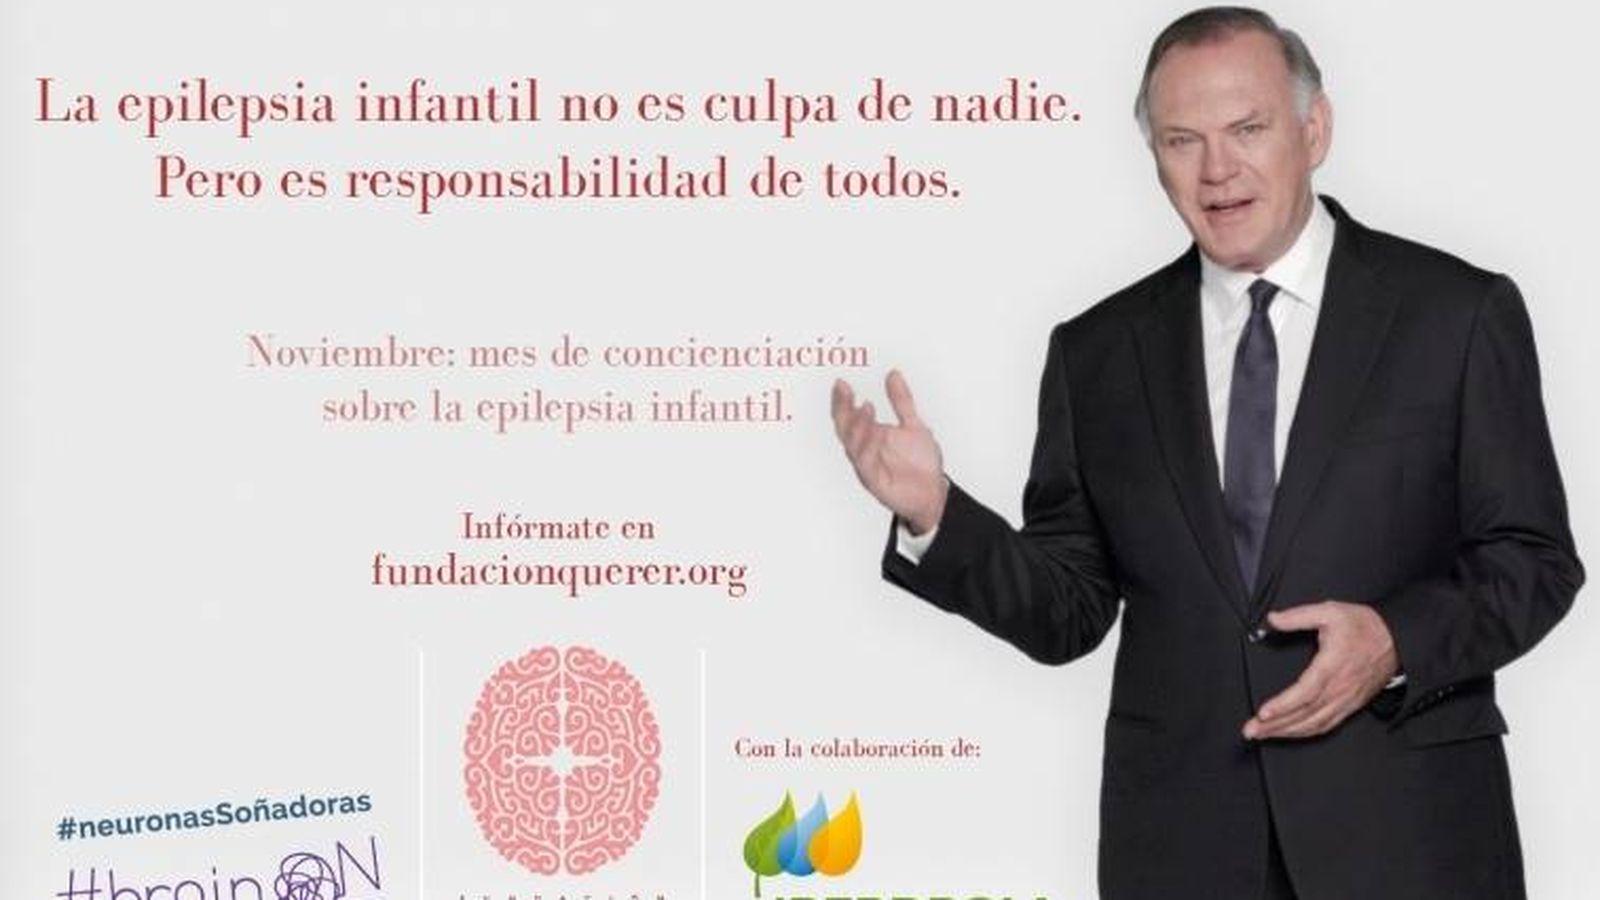 Foto: Imagen de la campaña